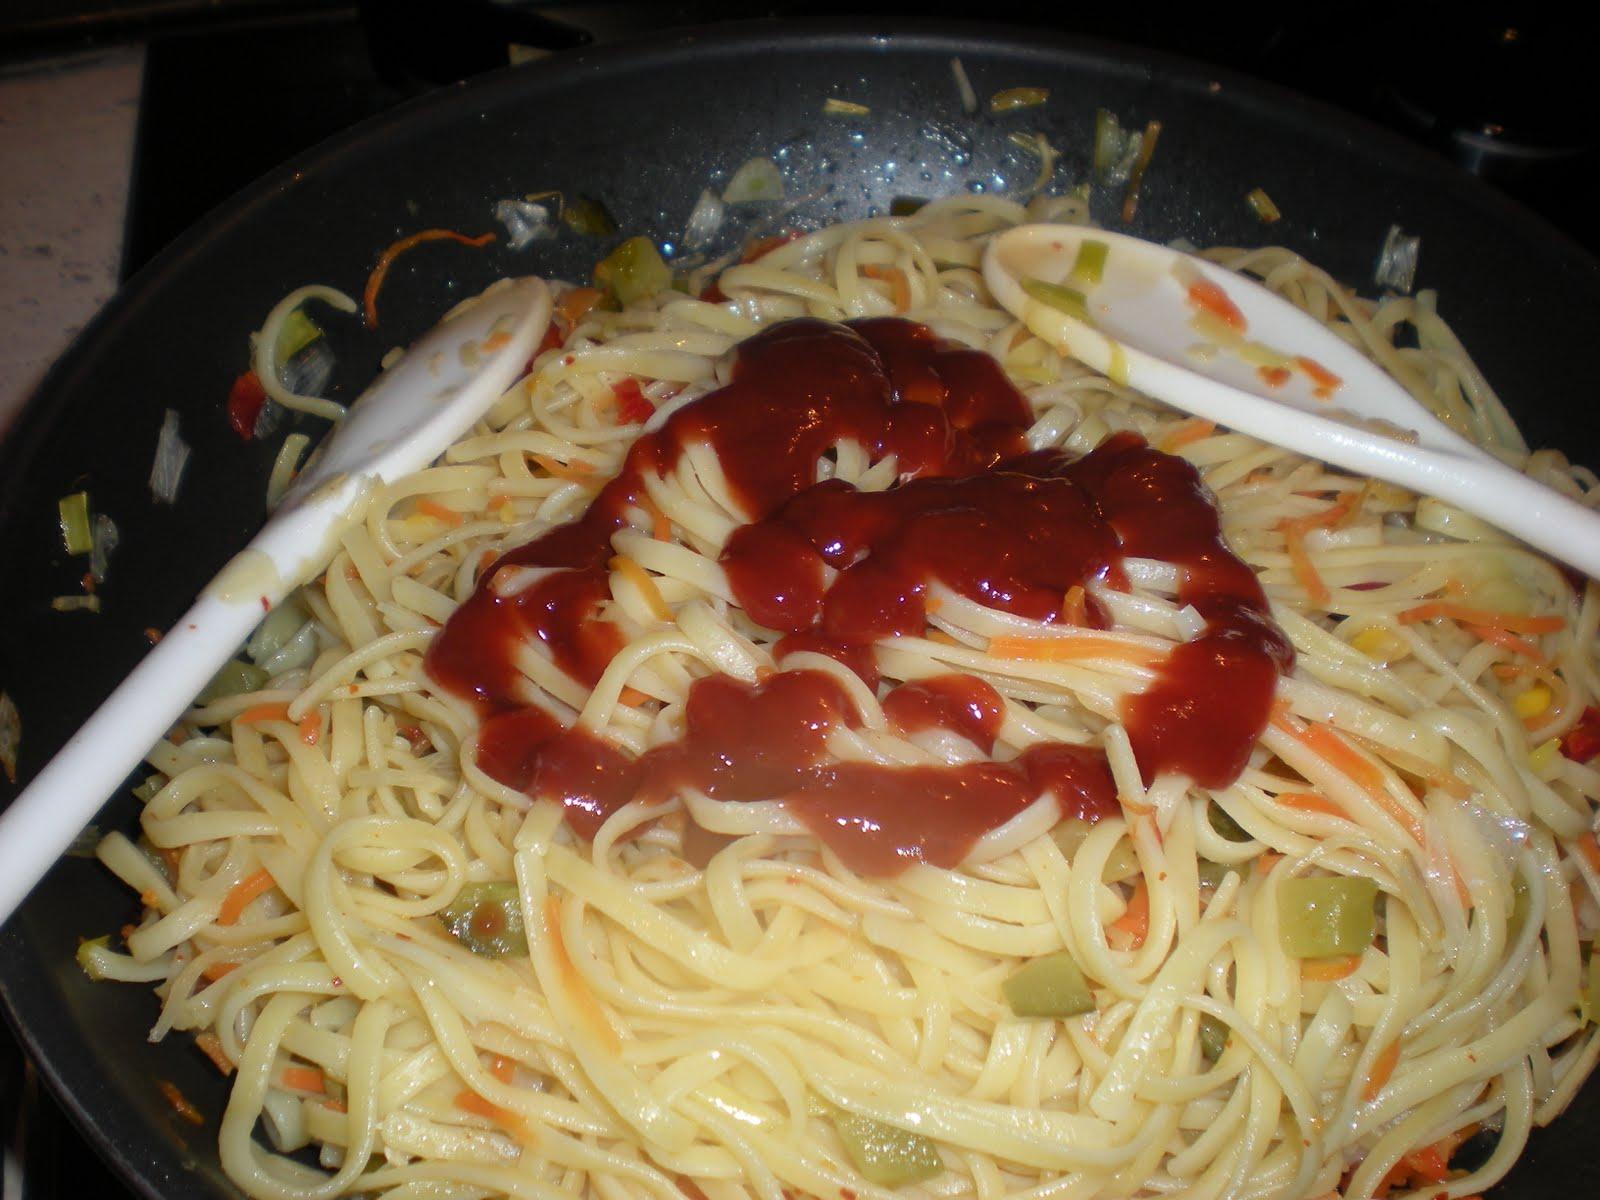 mis trucos de cocina 02 noviembre 2010